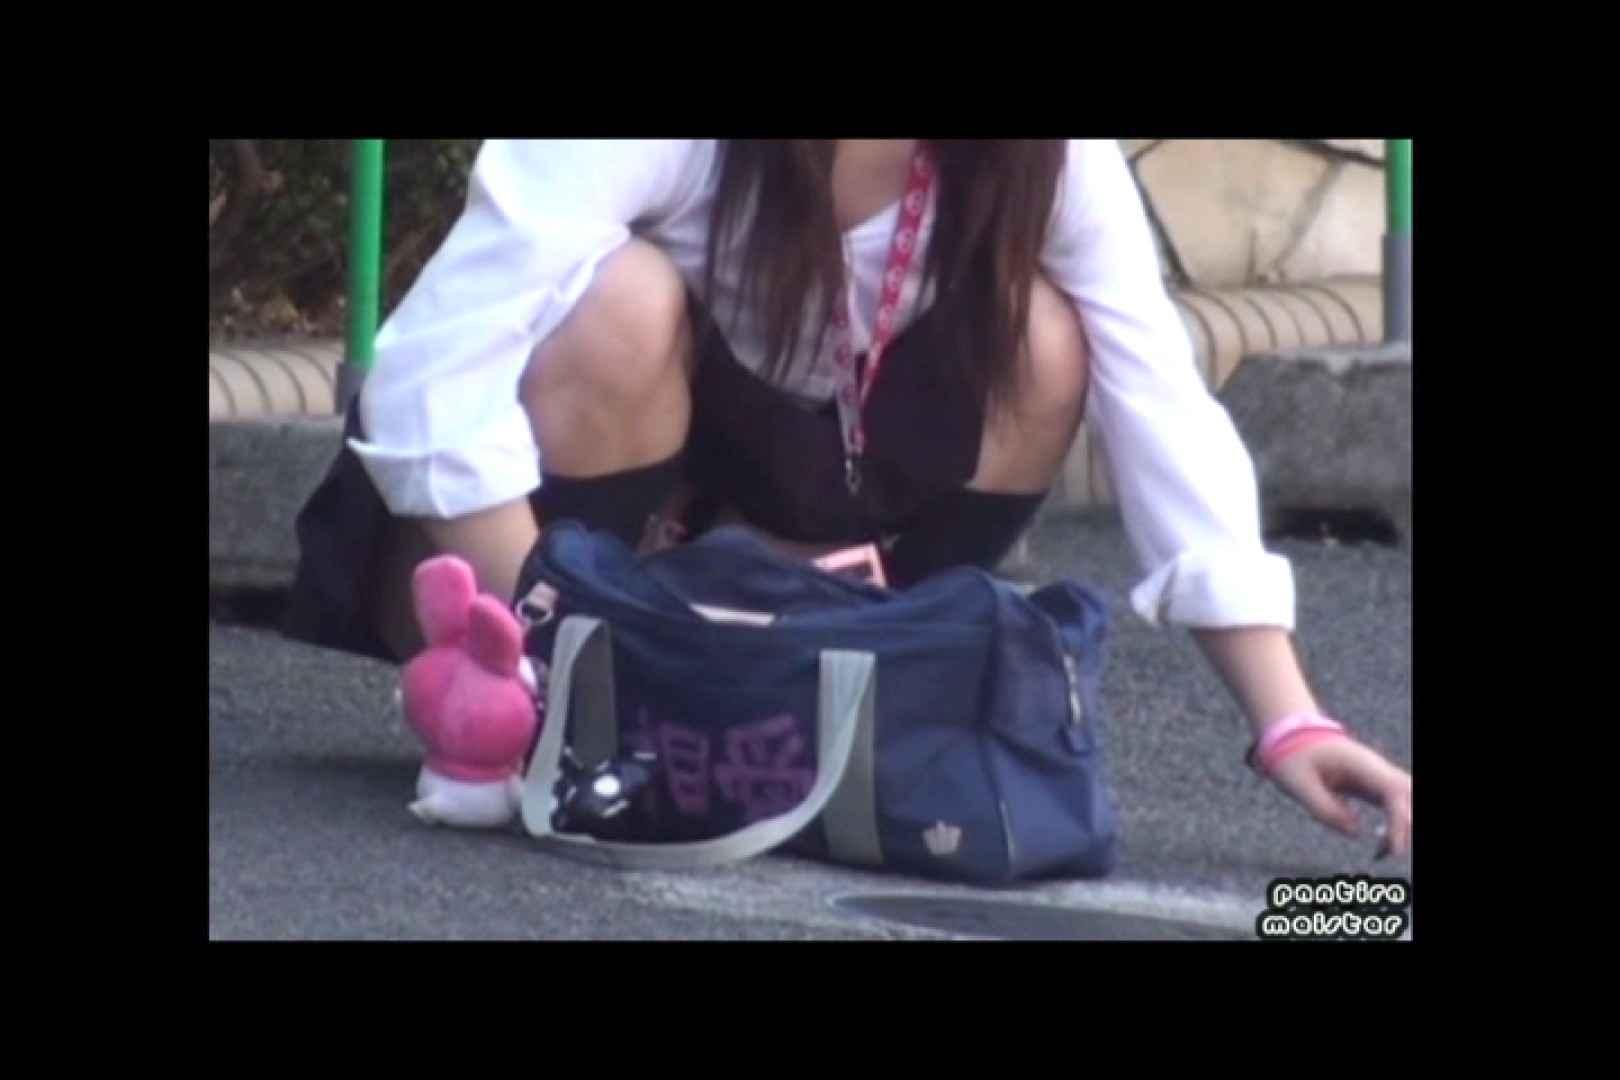 オリジナルパンチラ No.159 テクニック おまんこ動画流出 51連発 7